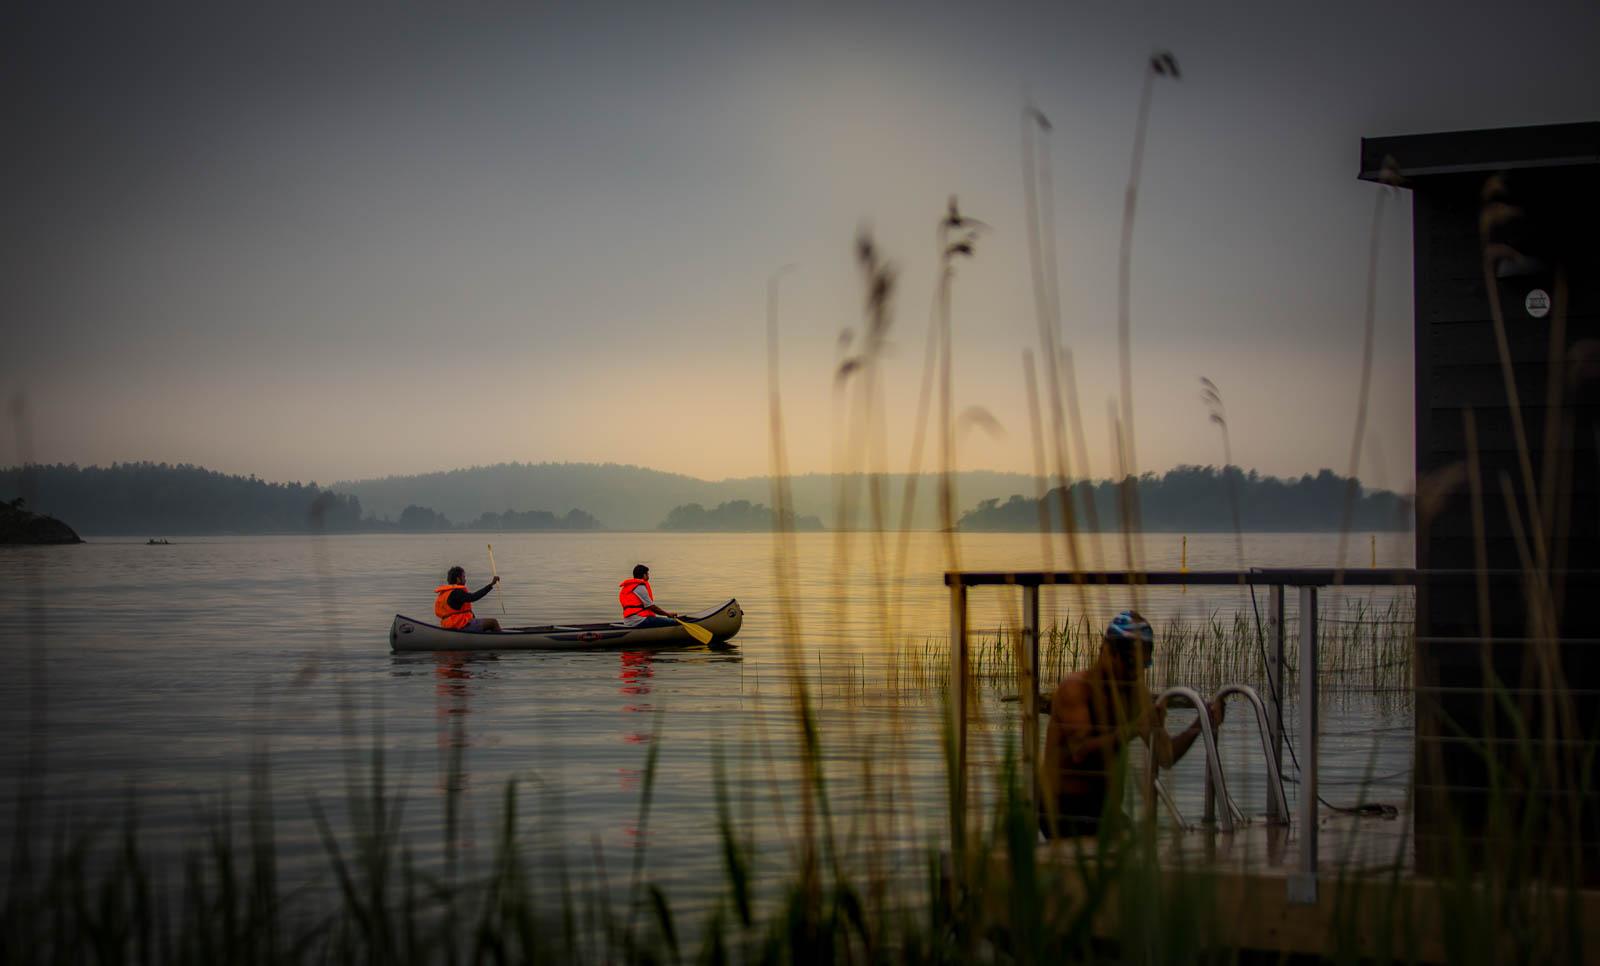 Bild: Magisk kväll vid Almåsa Havshotells Strandhus och havsbastu med bad och kanotpaddlare i solnedgång